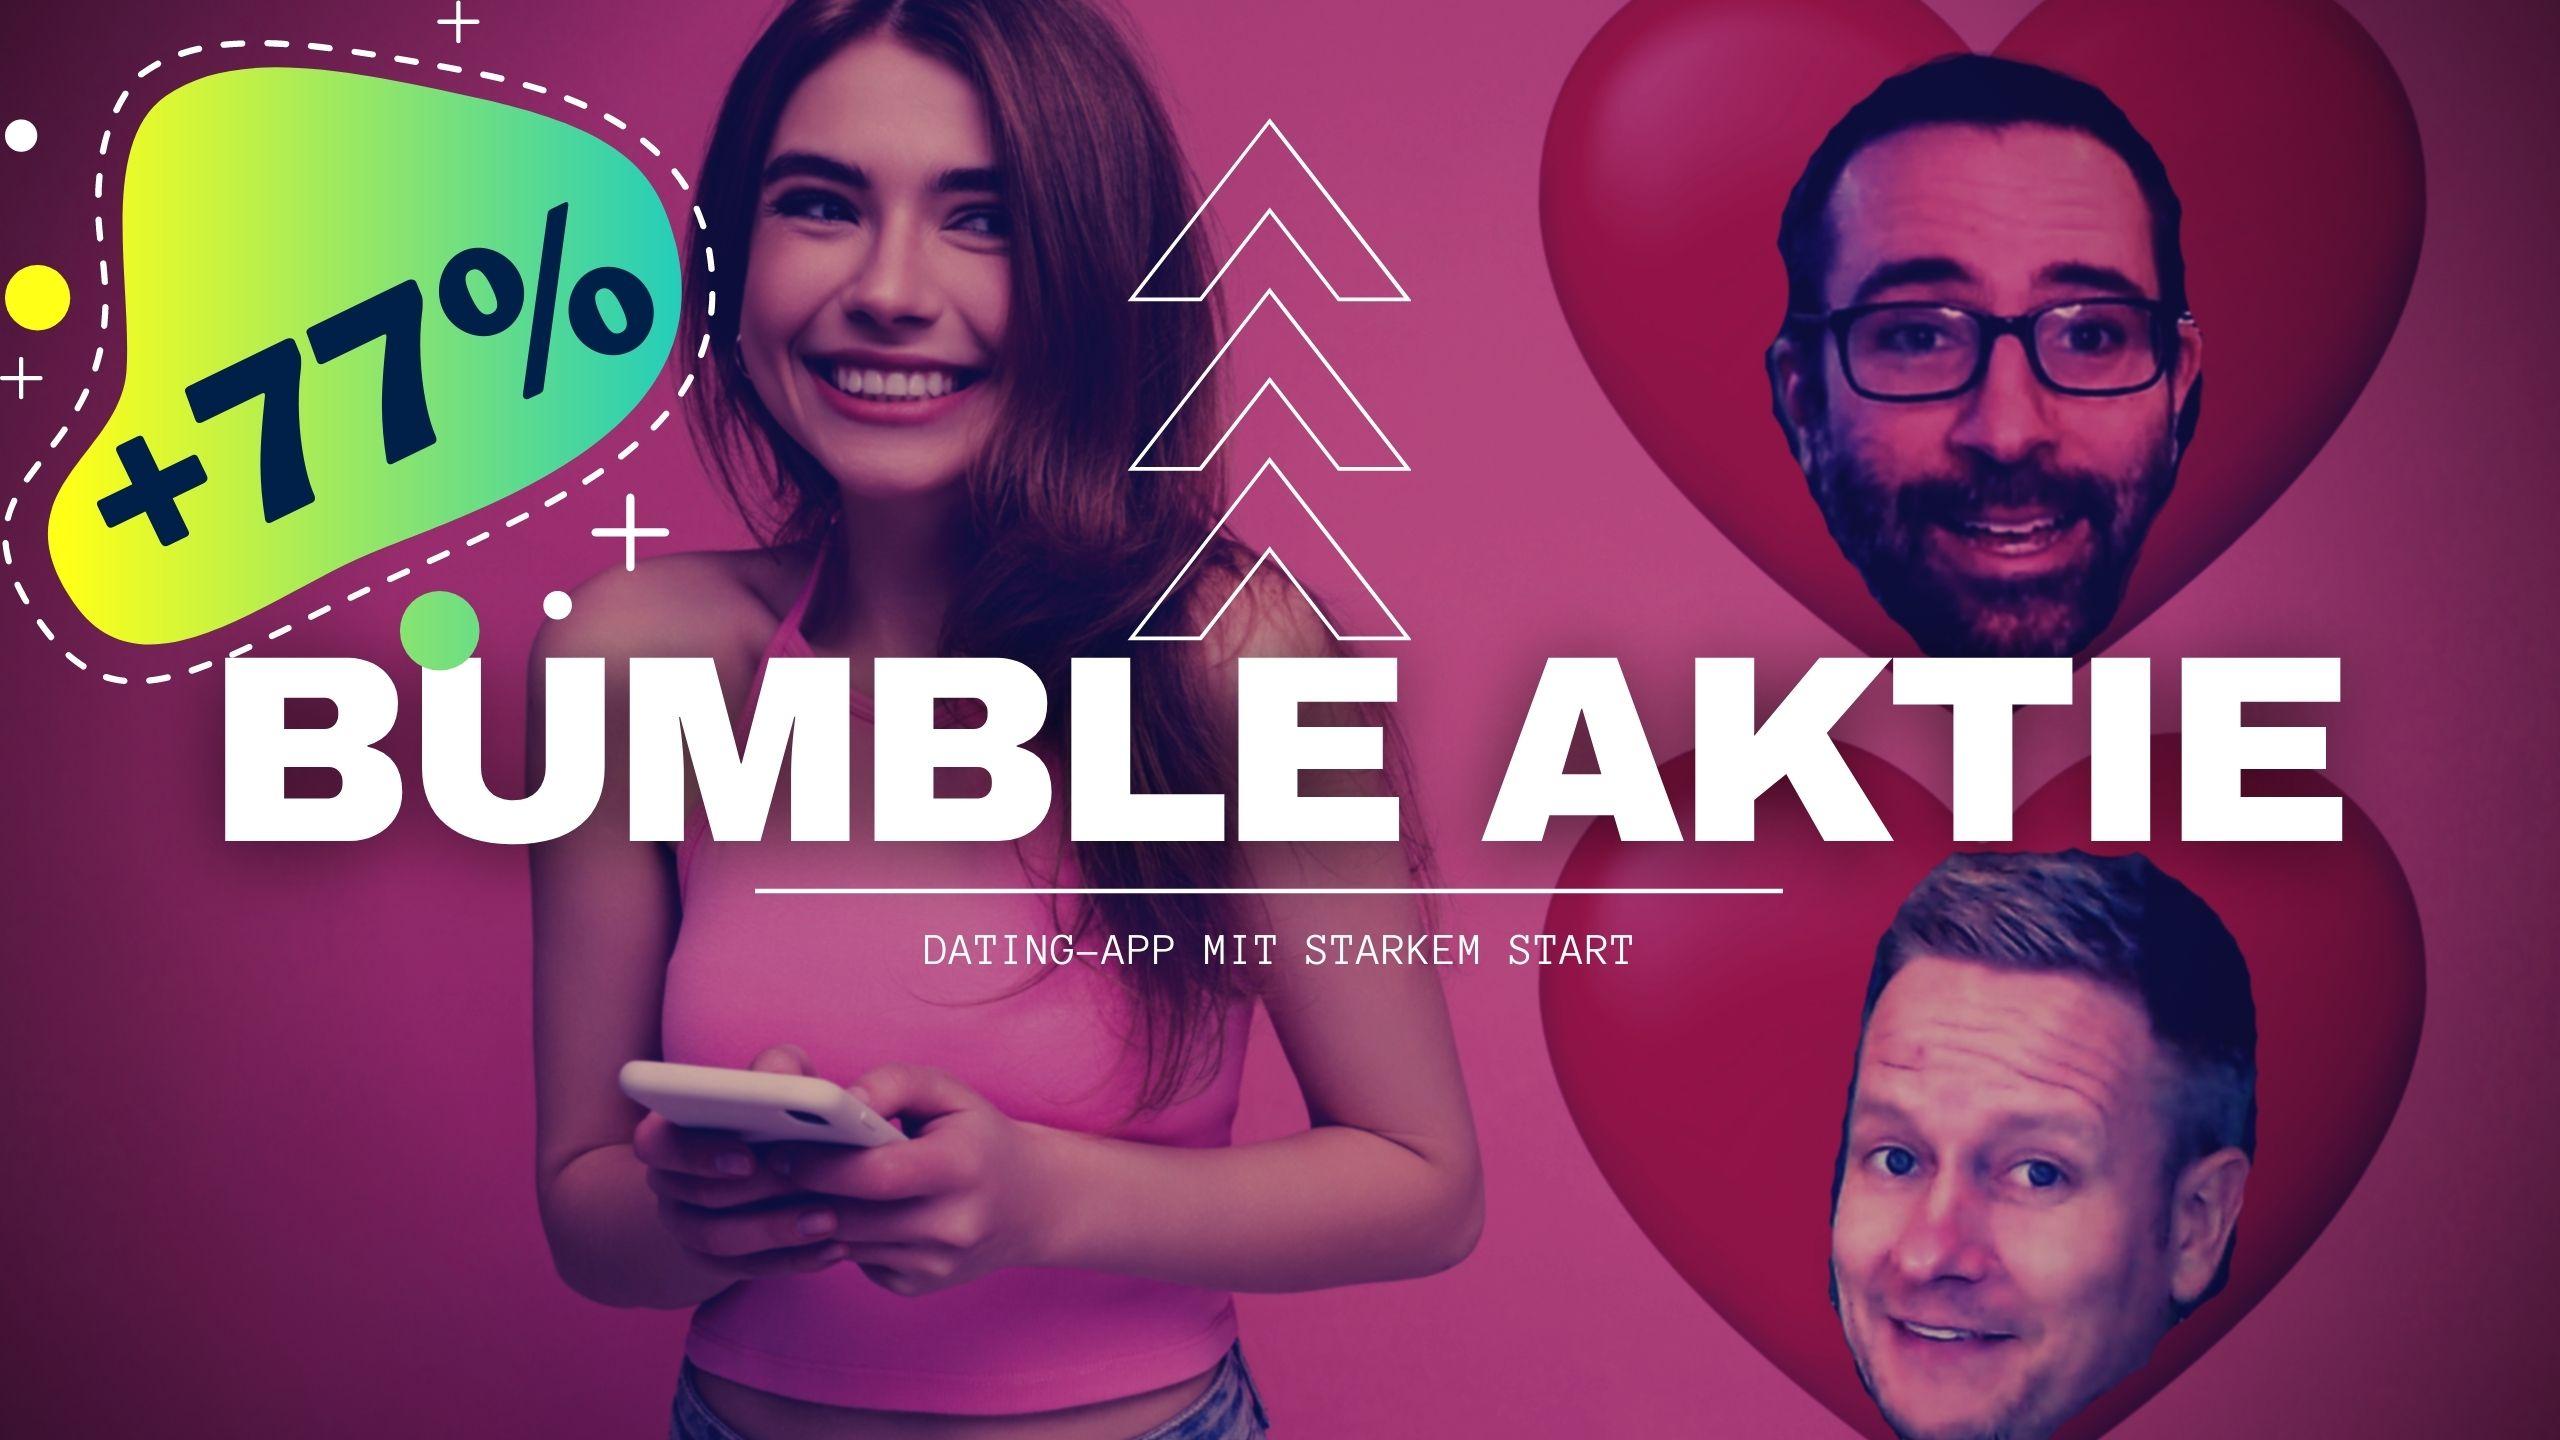 Bumble Aktie kaufen 2021